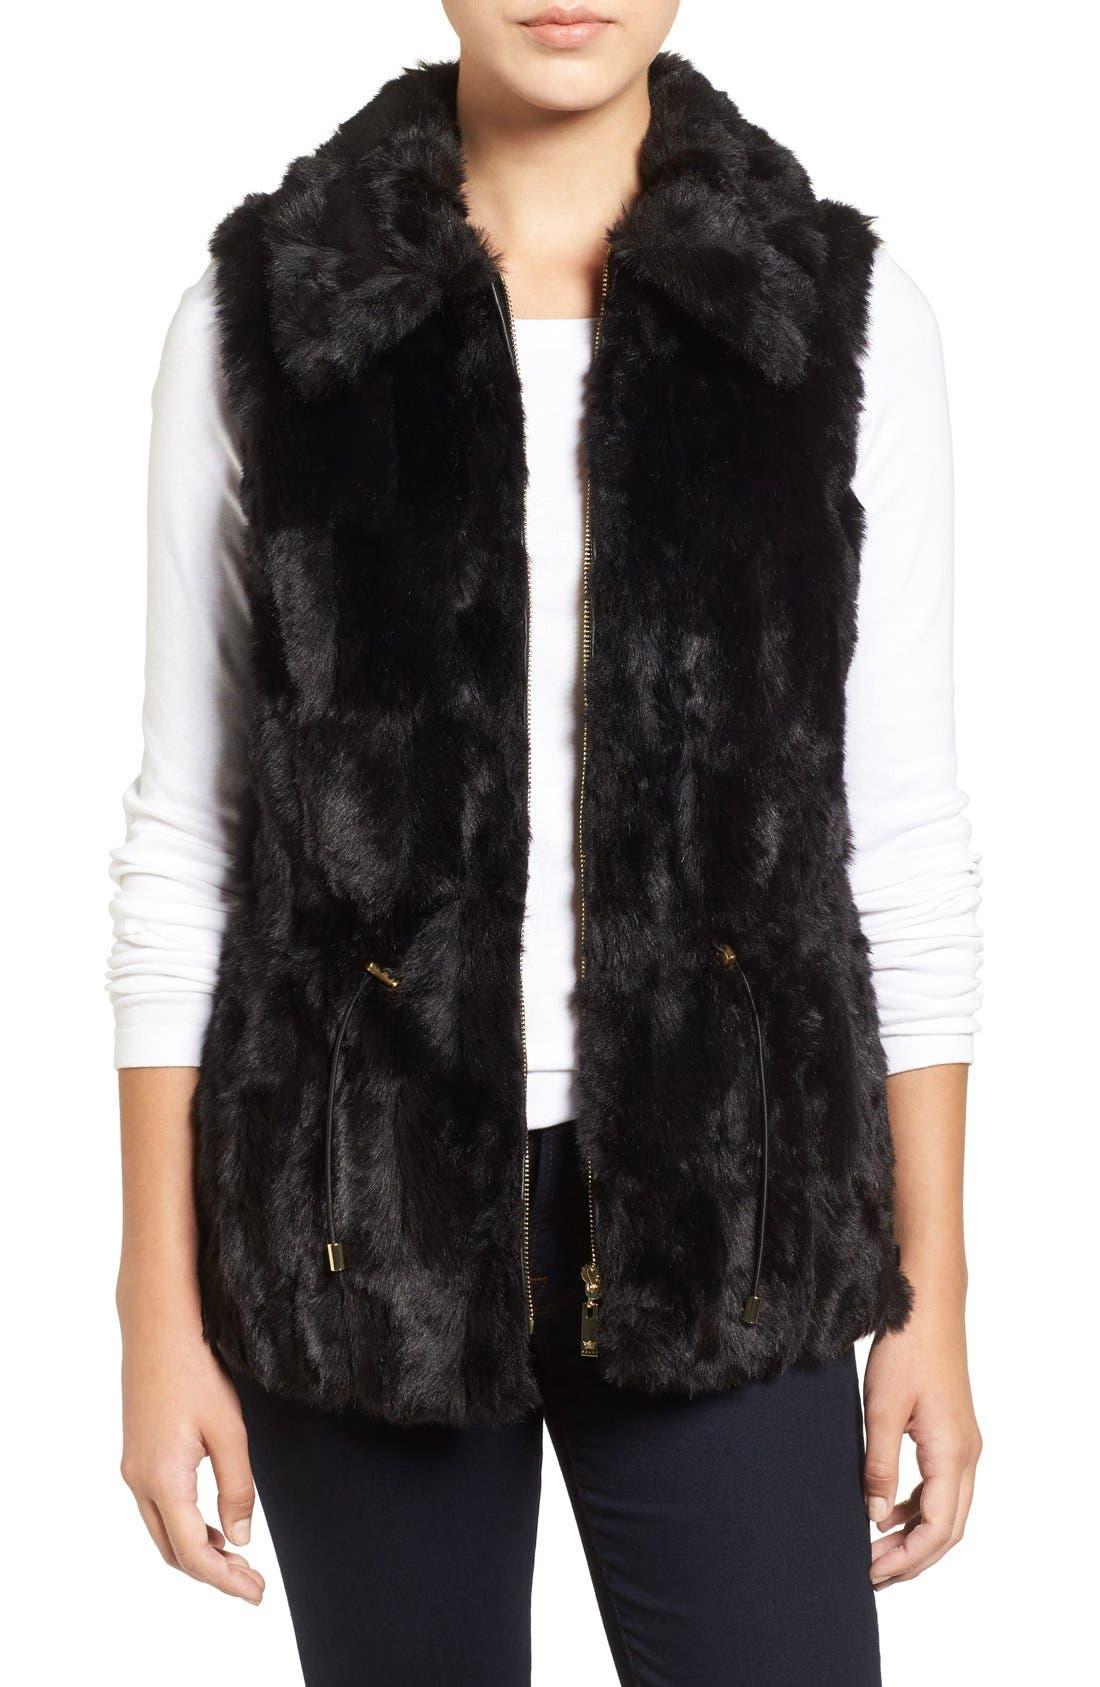 Alternate Image 1 Selected - Chaus Faux Fur Vest